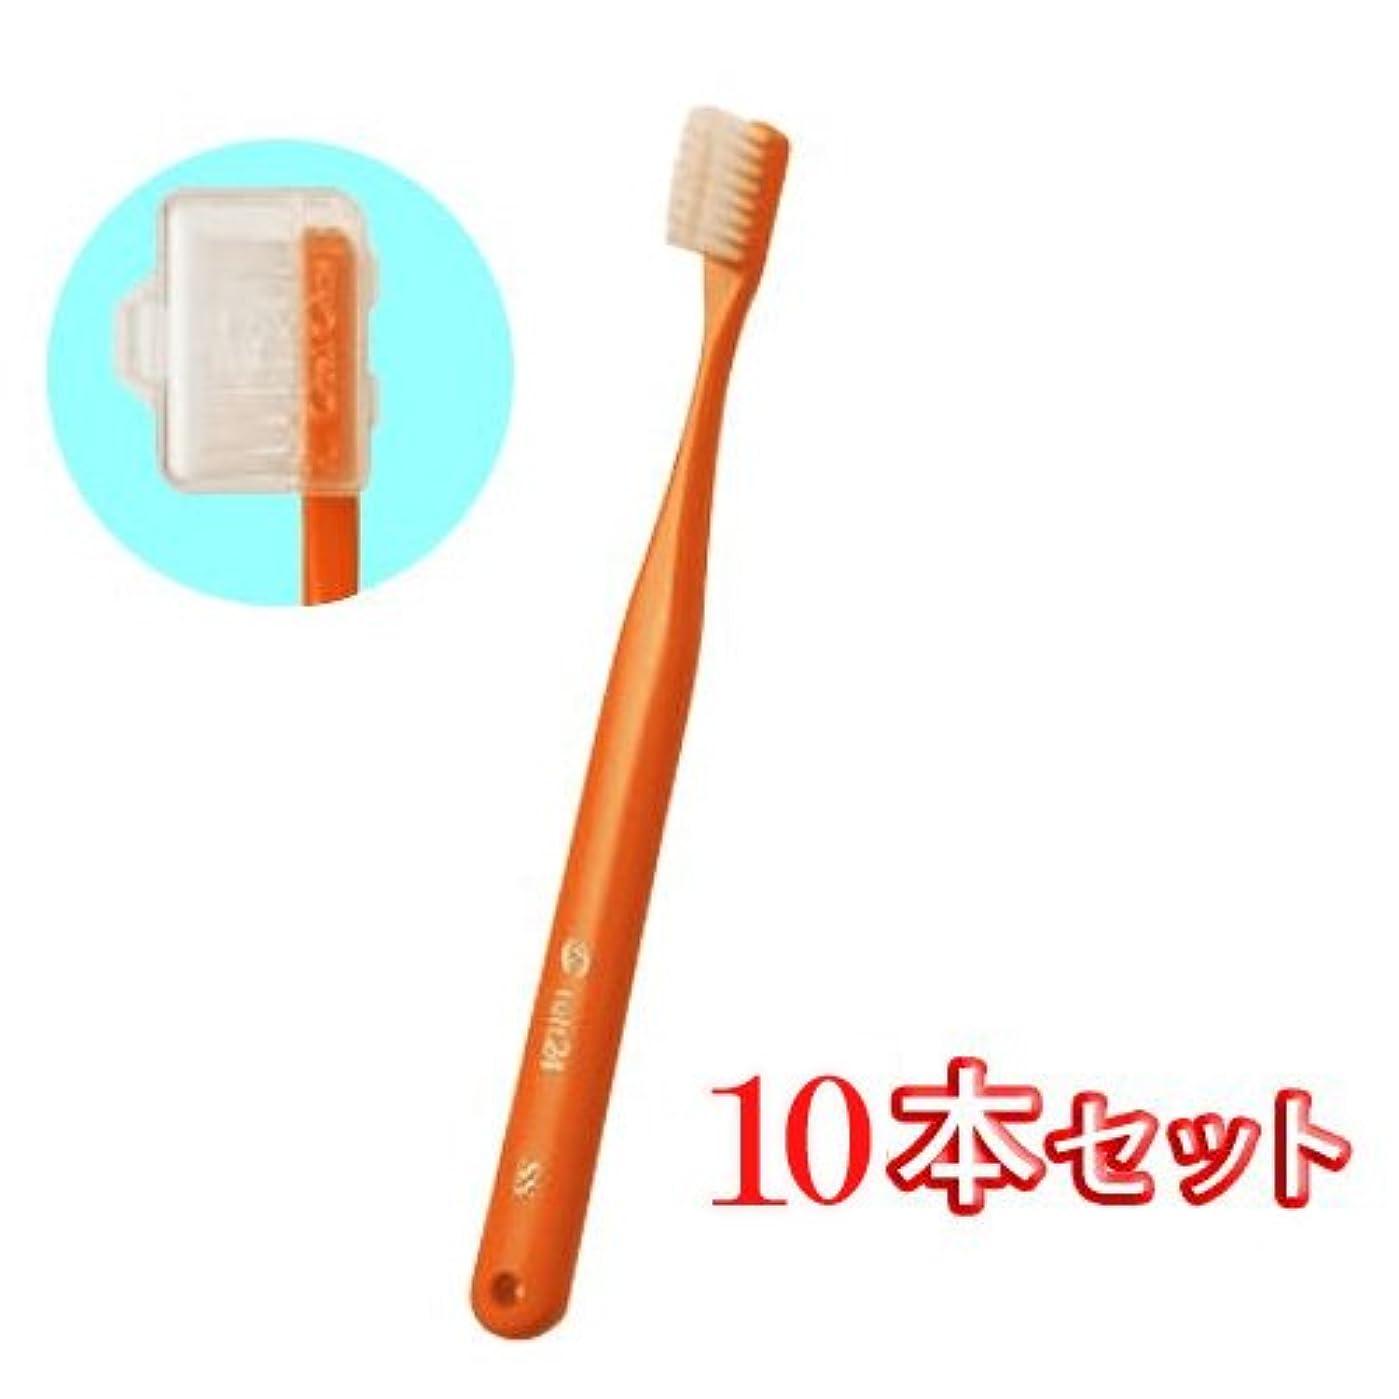 オーラルケア キャップ付き タフト 24 歯ブラシ スーパーソフト 10本 (オレンジ)